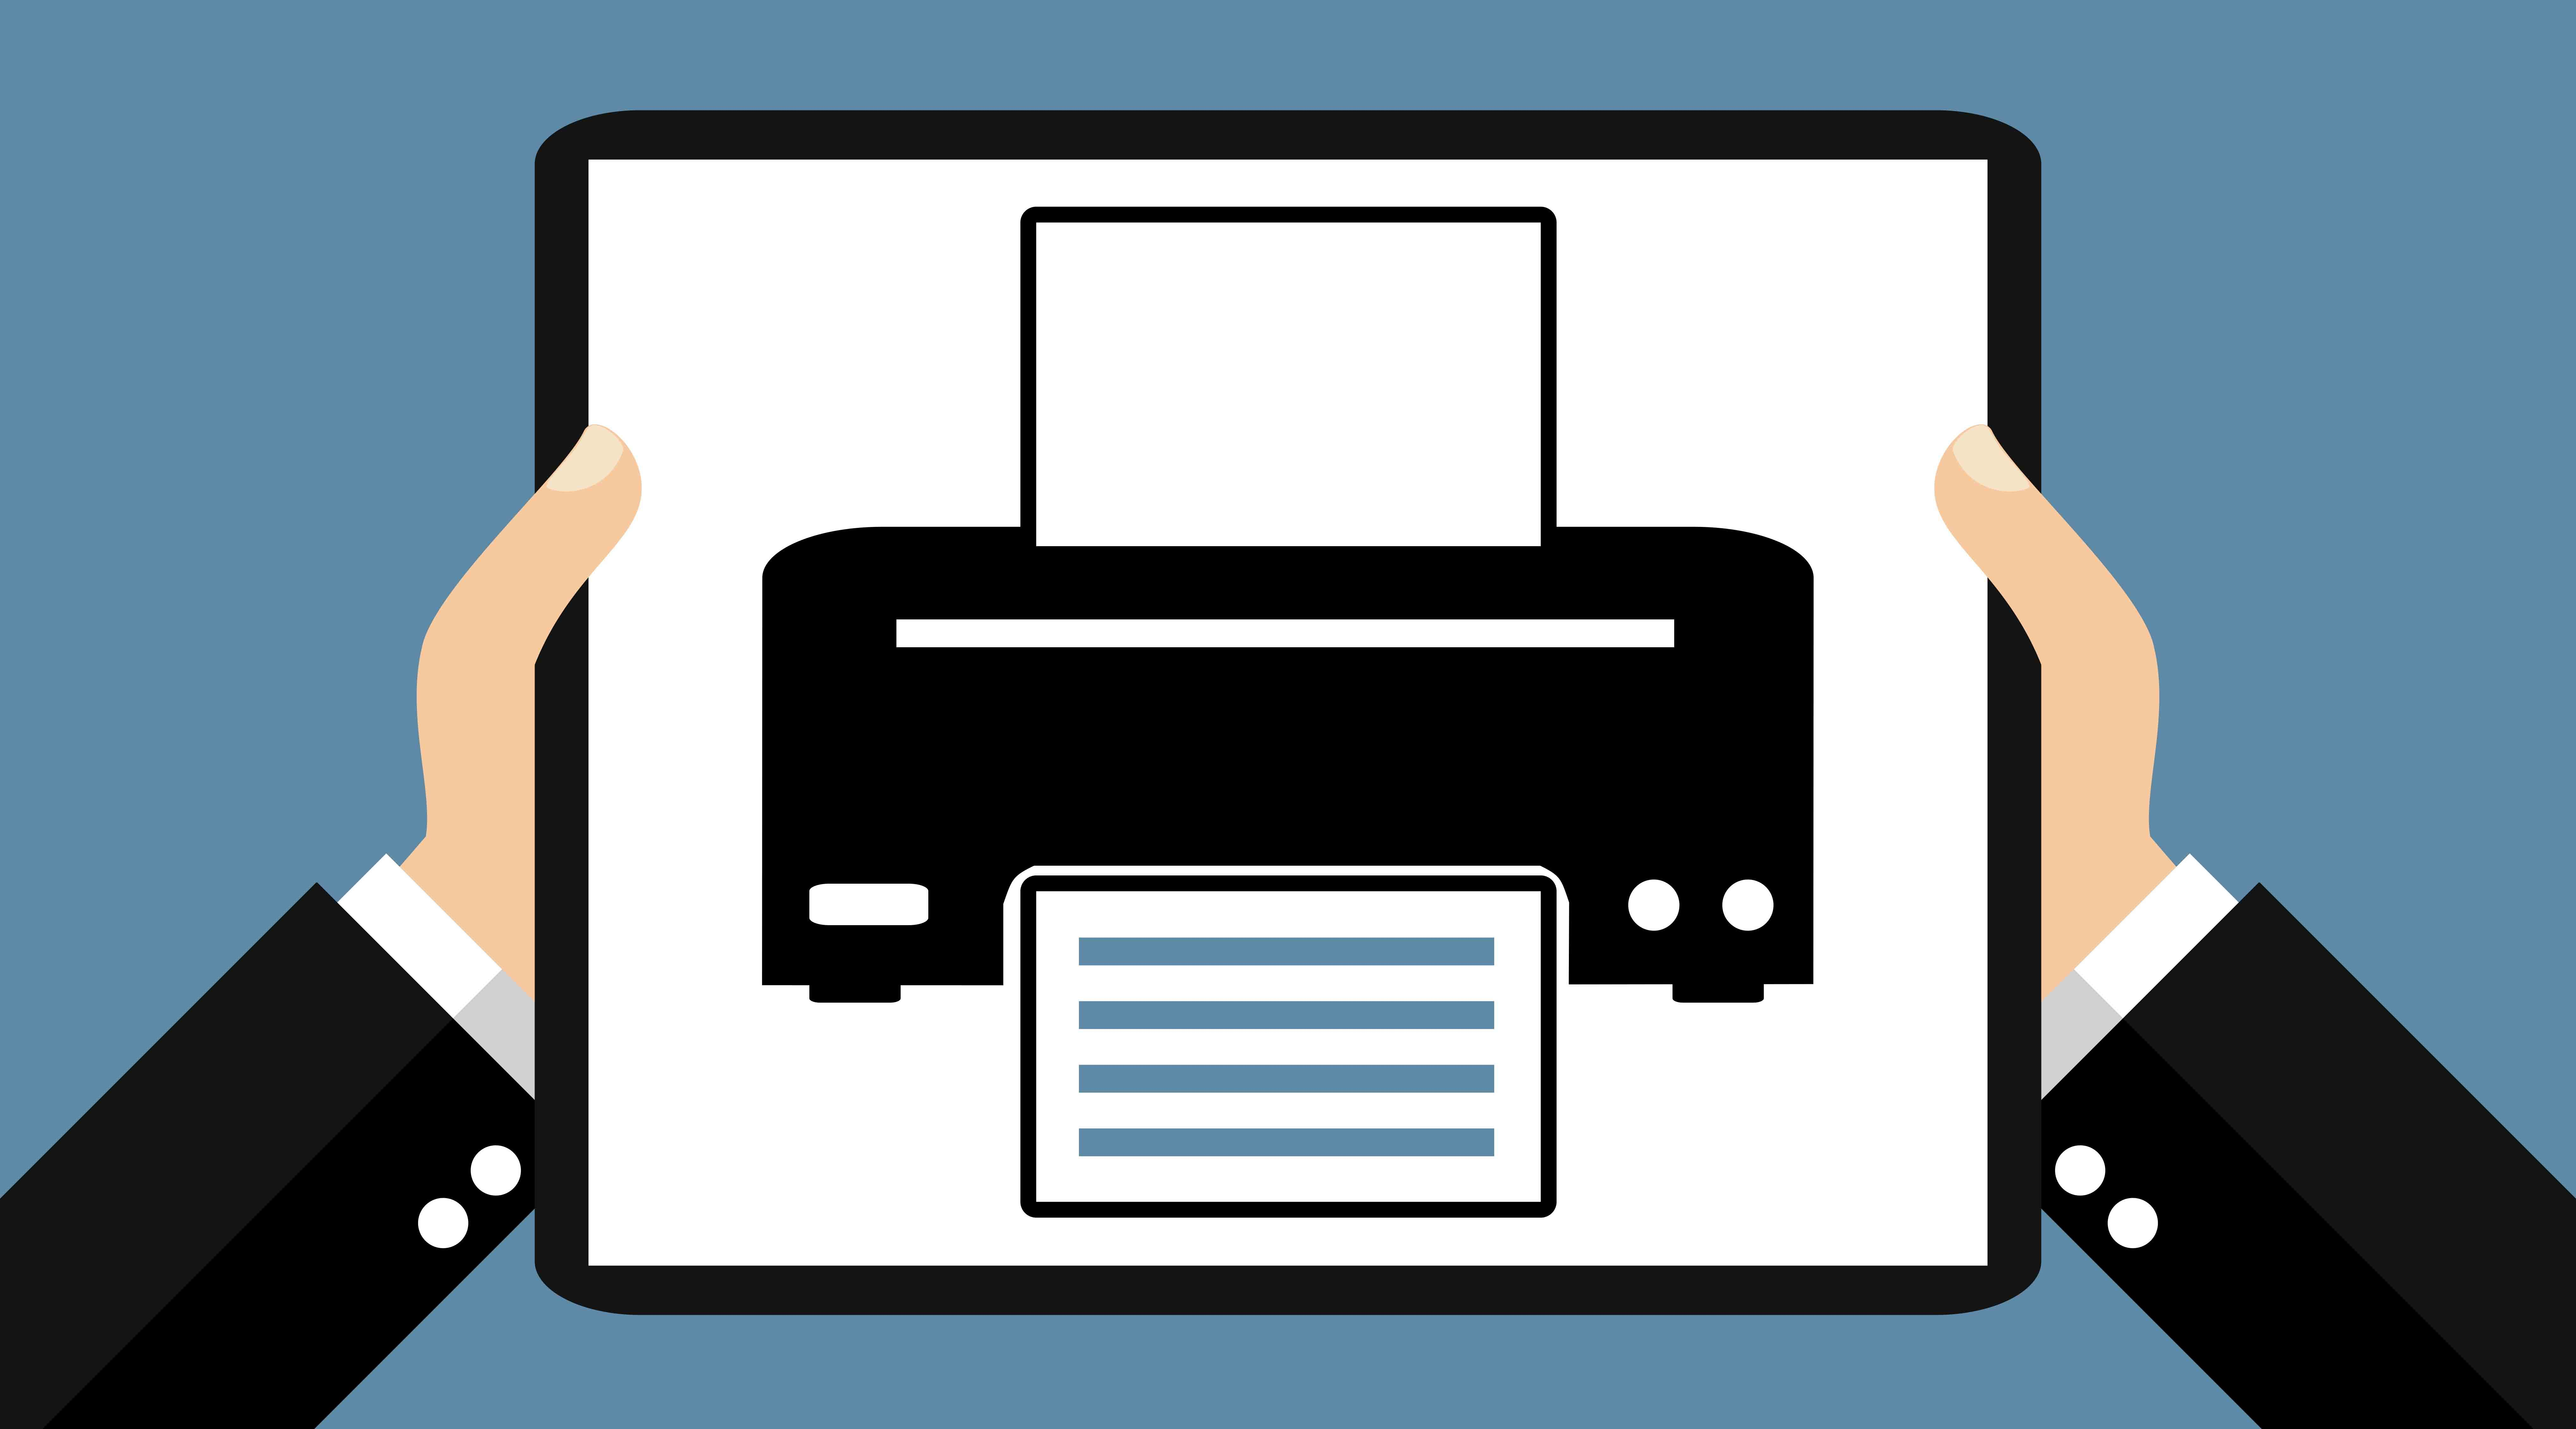 Zwei Hände halten Tablet: Drucker - Flat Design